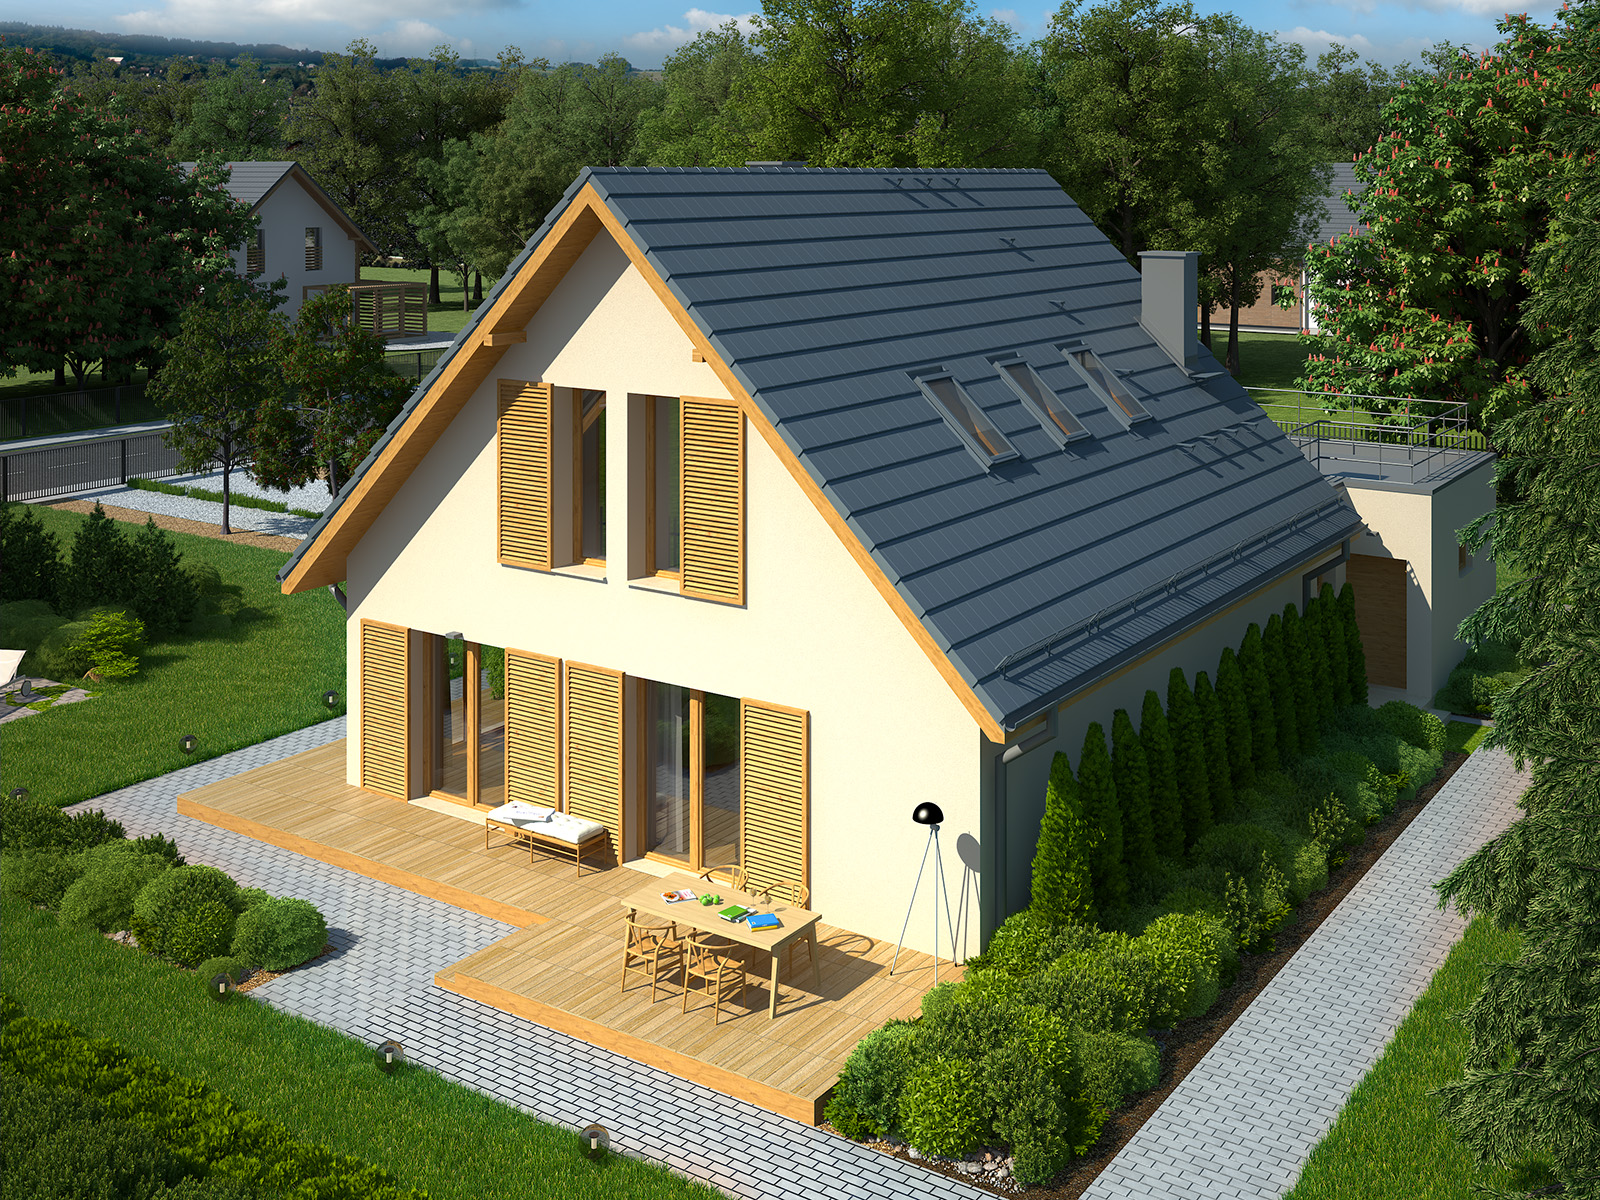 Projekt domu EKORODZINNY Domy Czystej Energii widok z boku i od ogrodu